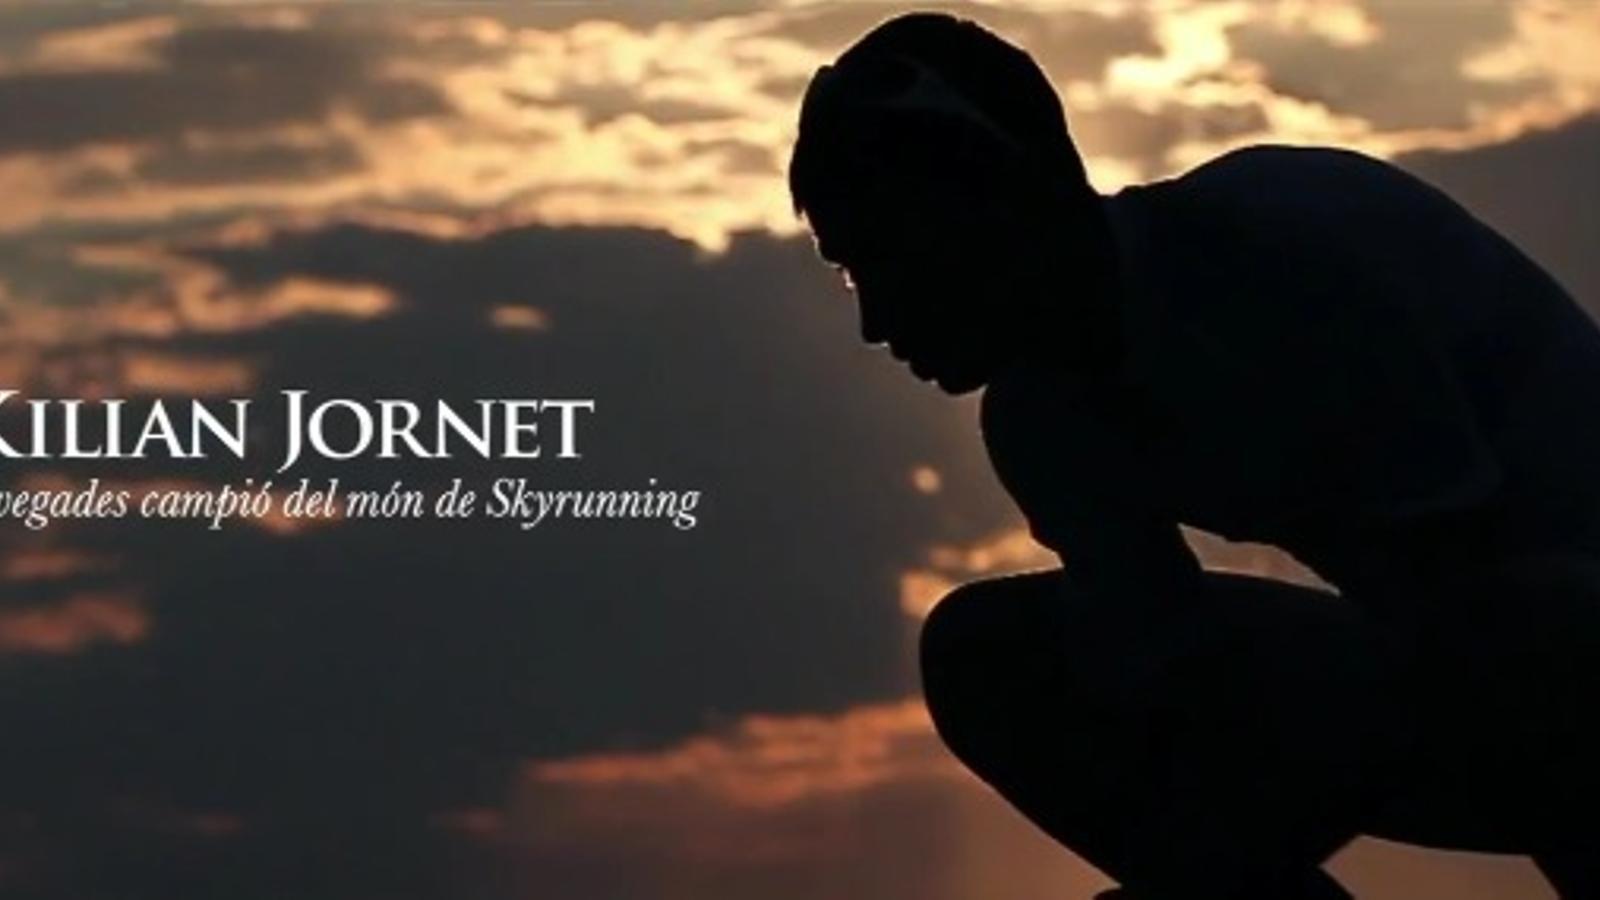 El nou espot de Veri, protagonitzat Kilian Jornet